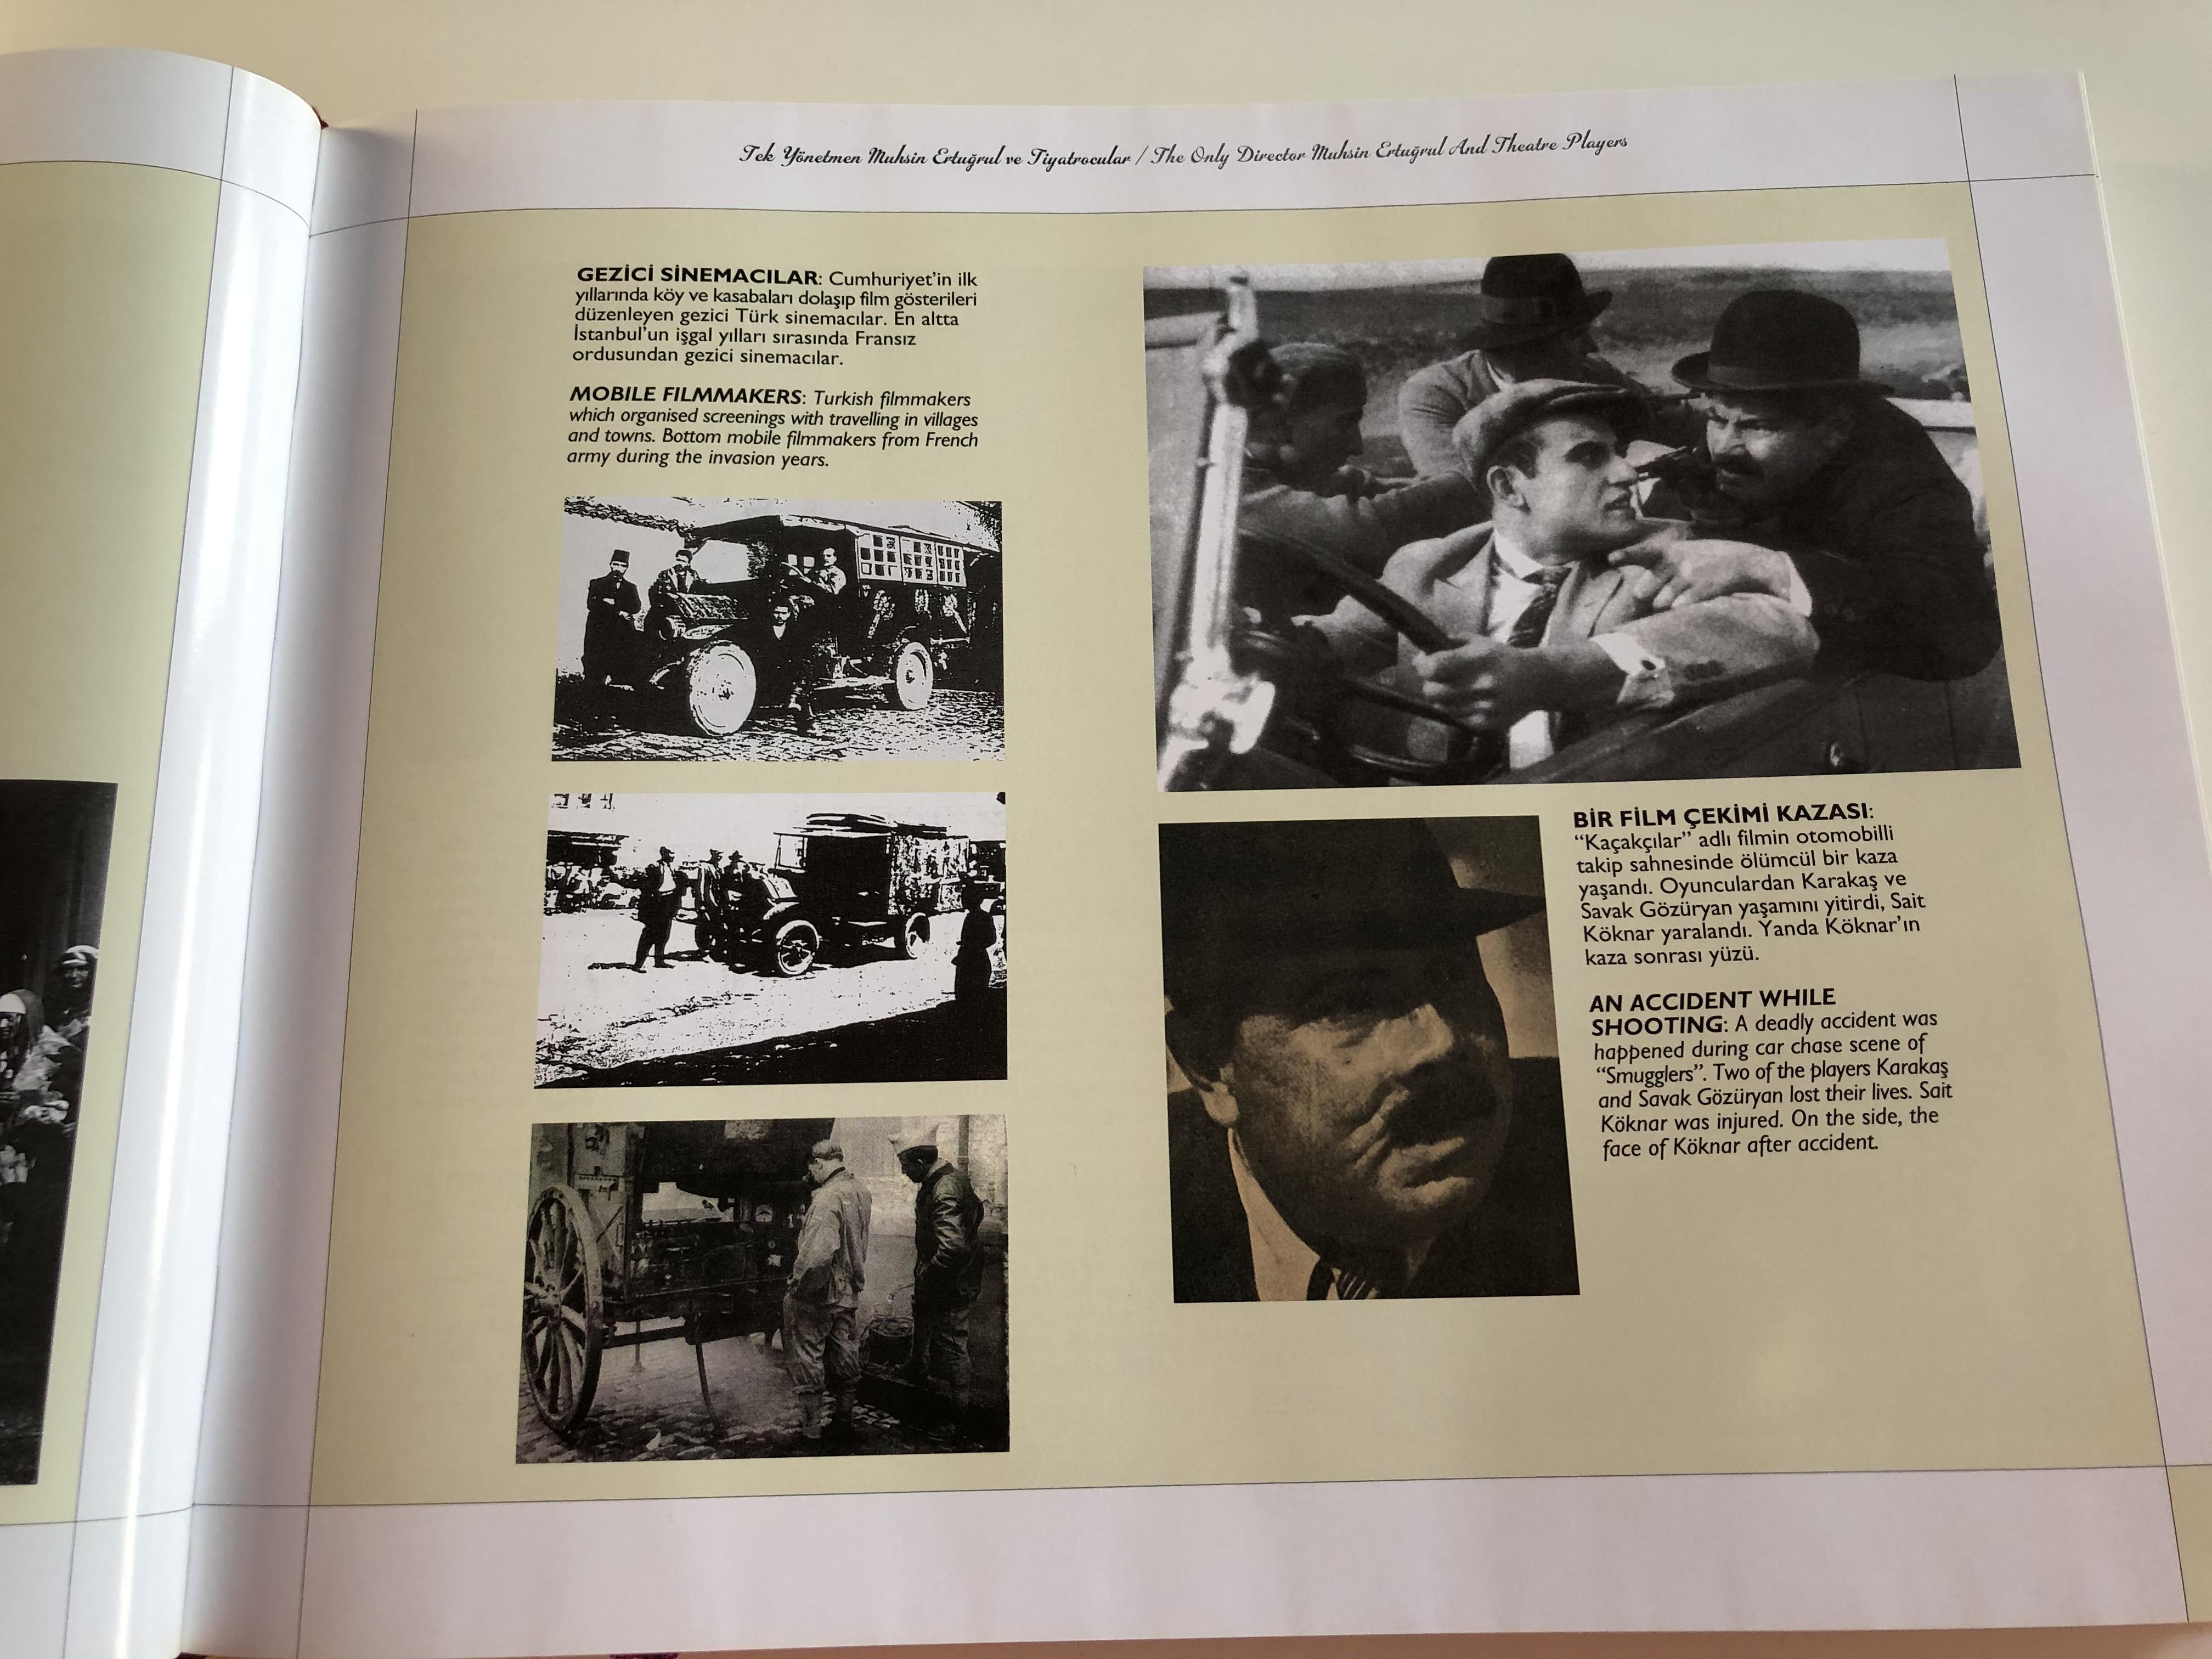 1000-karede-t-rk-sinemasi-by-agan-zg-c-turkish-cinema-in-1000-frames-6.jpg